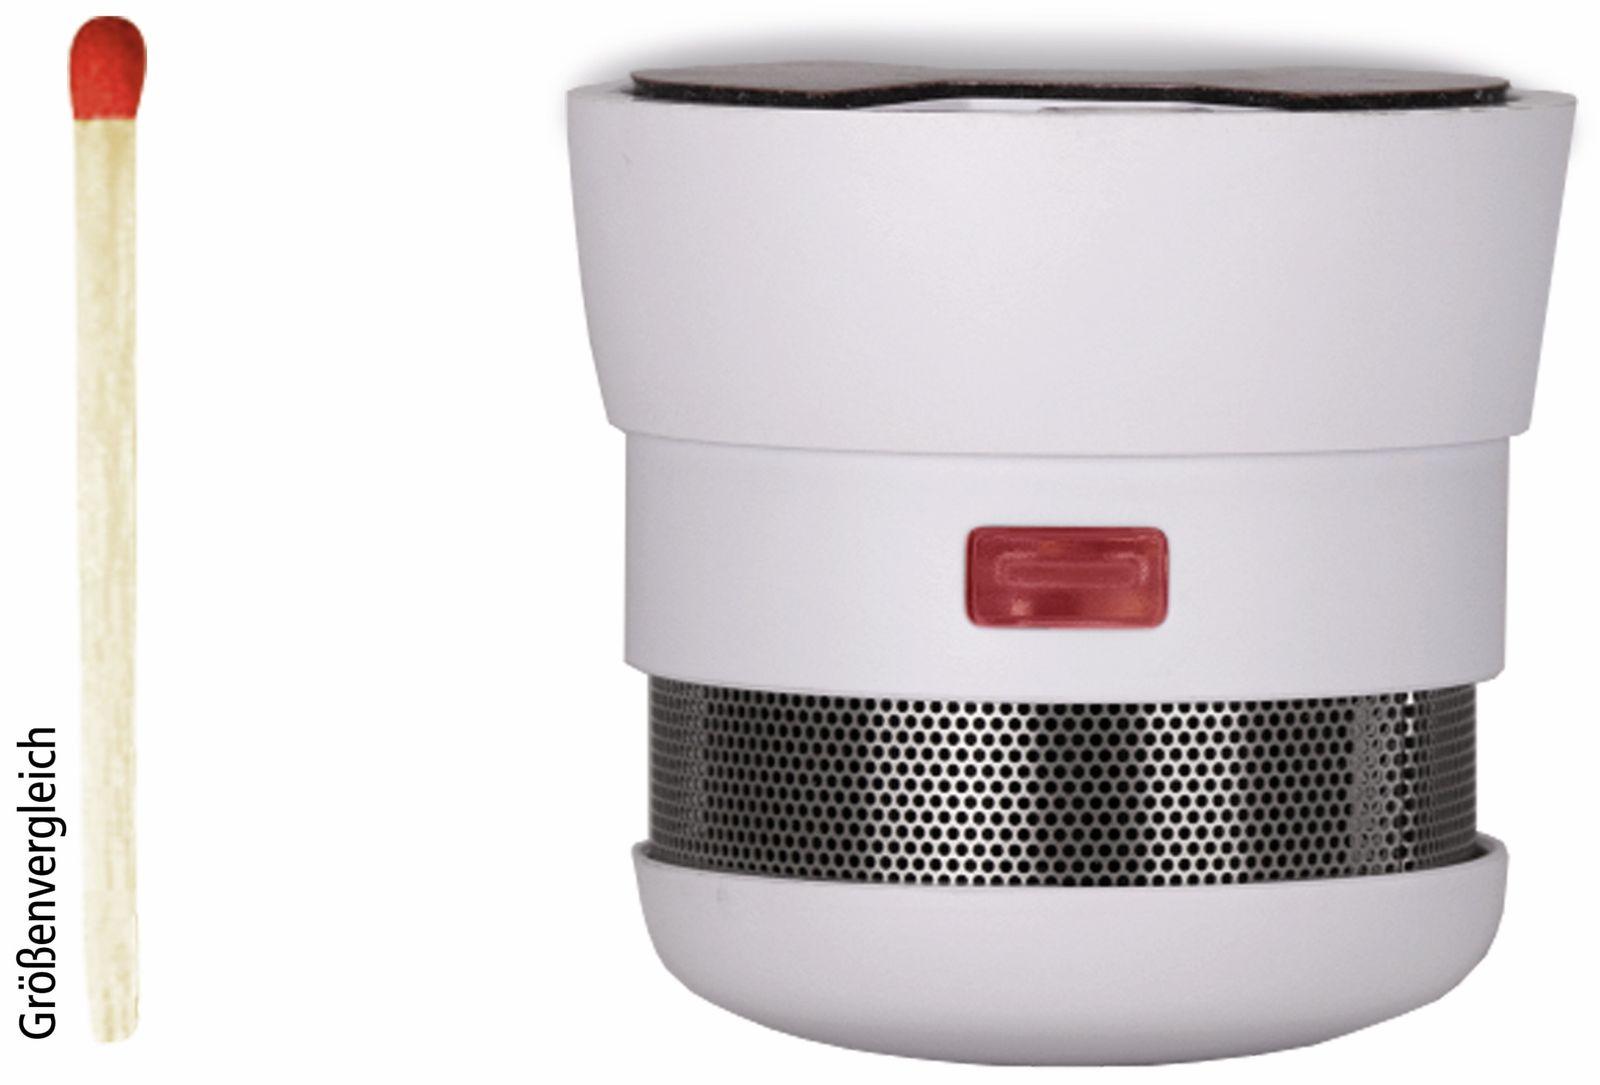 rauchmelder cavius invisible 10y 10 jahre batterie lebensdauer online kaufen. Black Bedroom Furniture Sets. Home Design Ideas